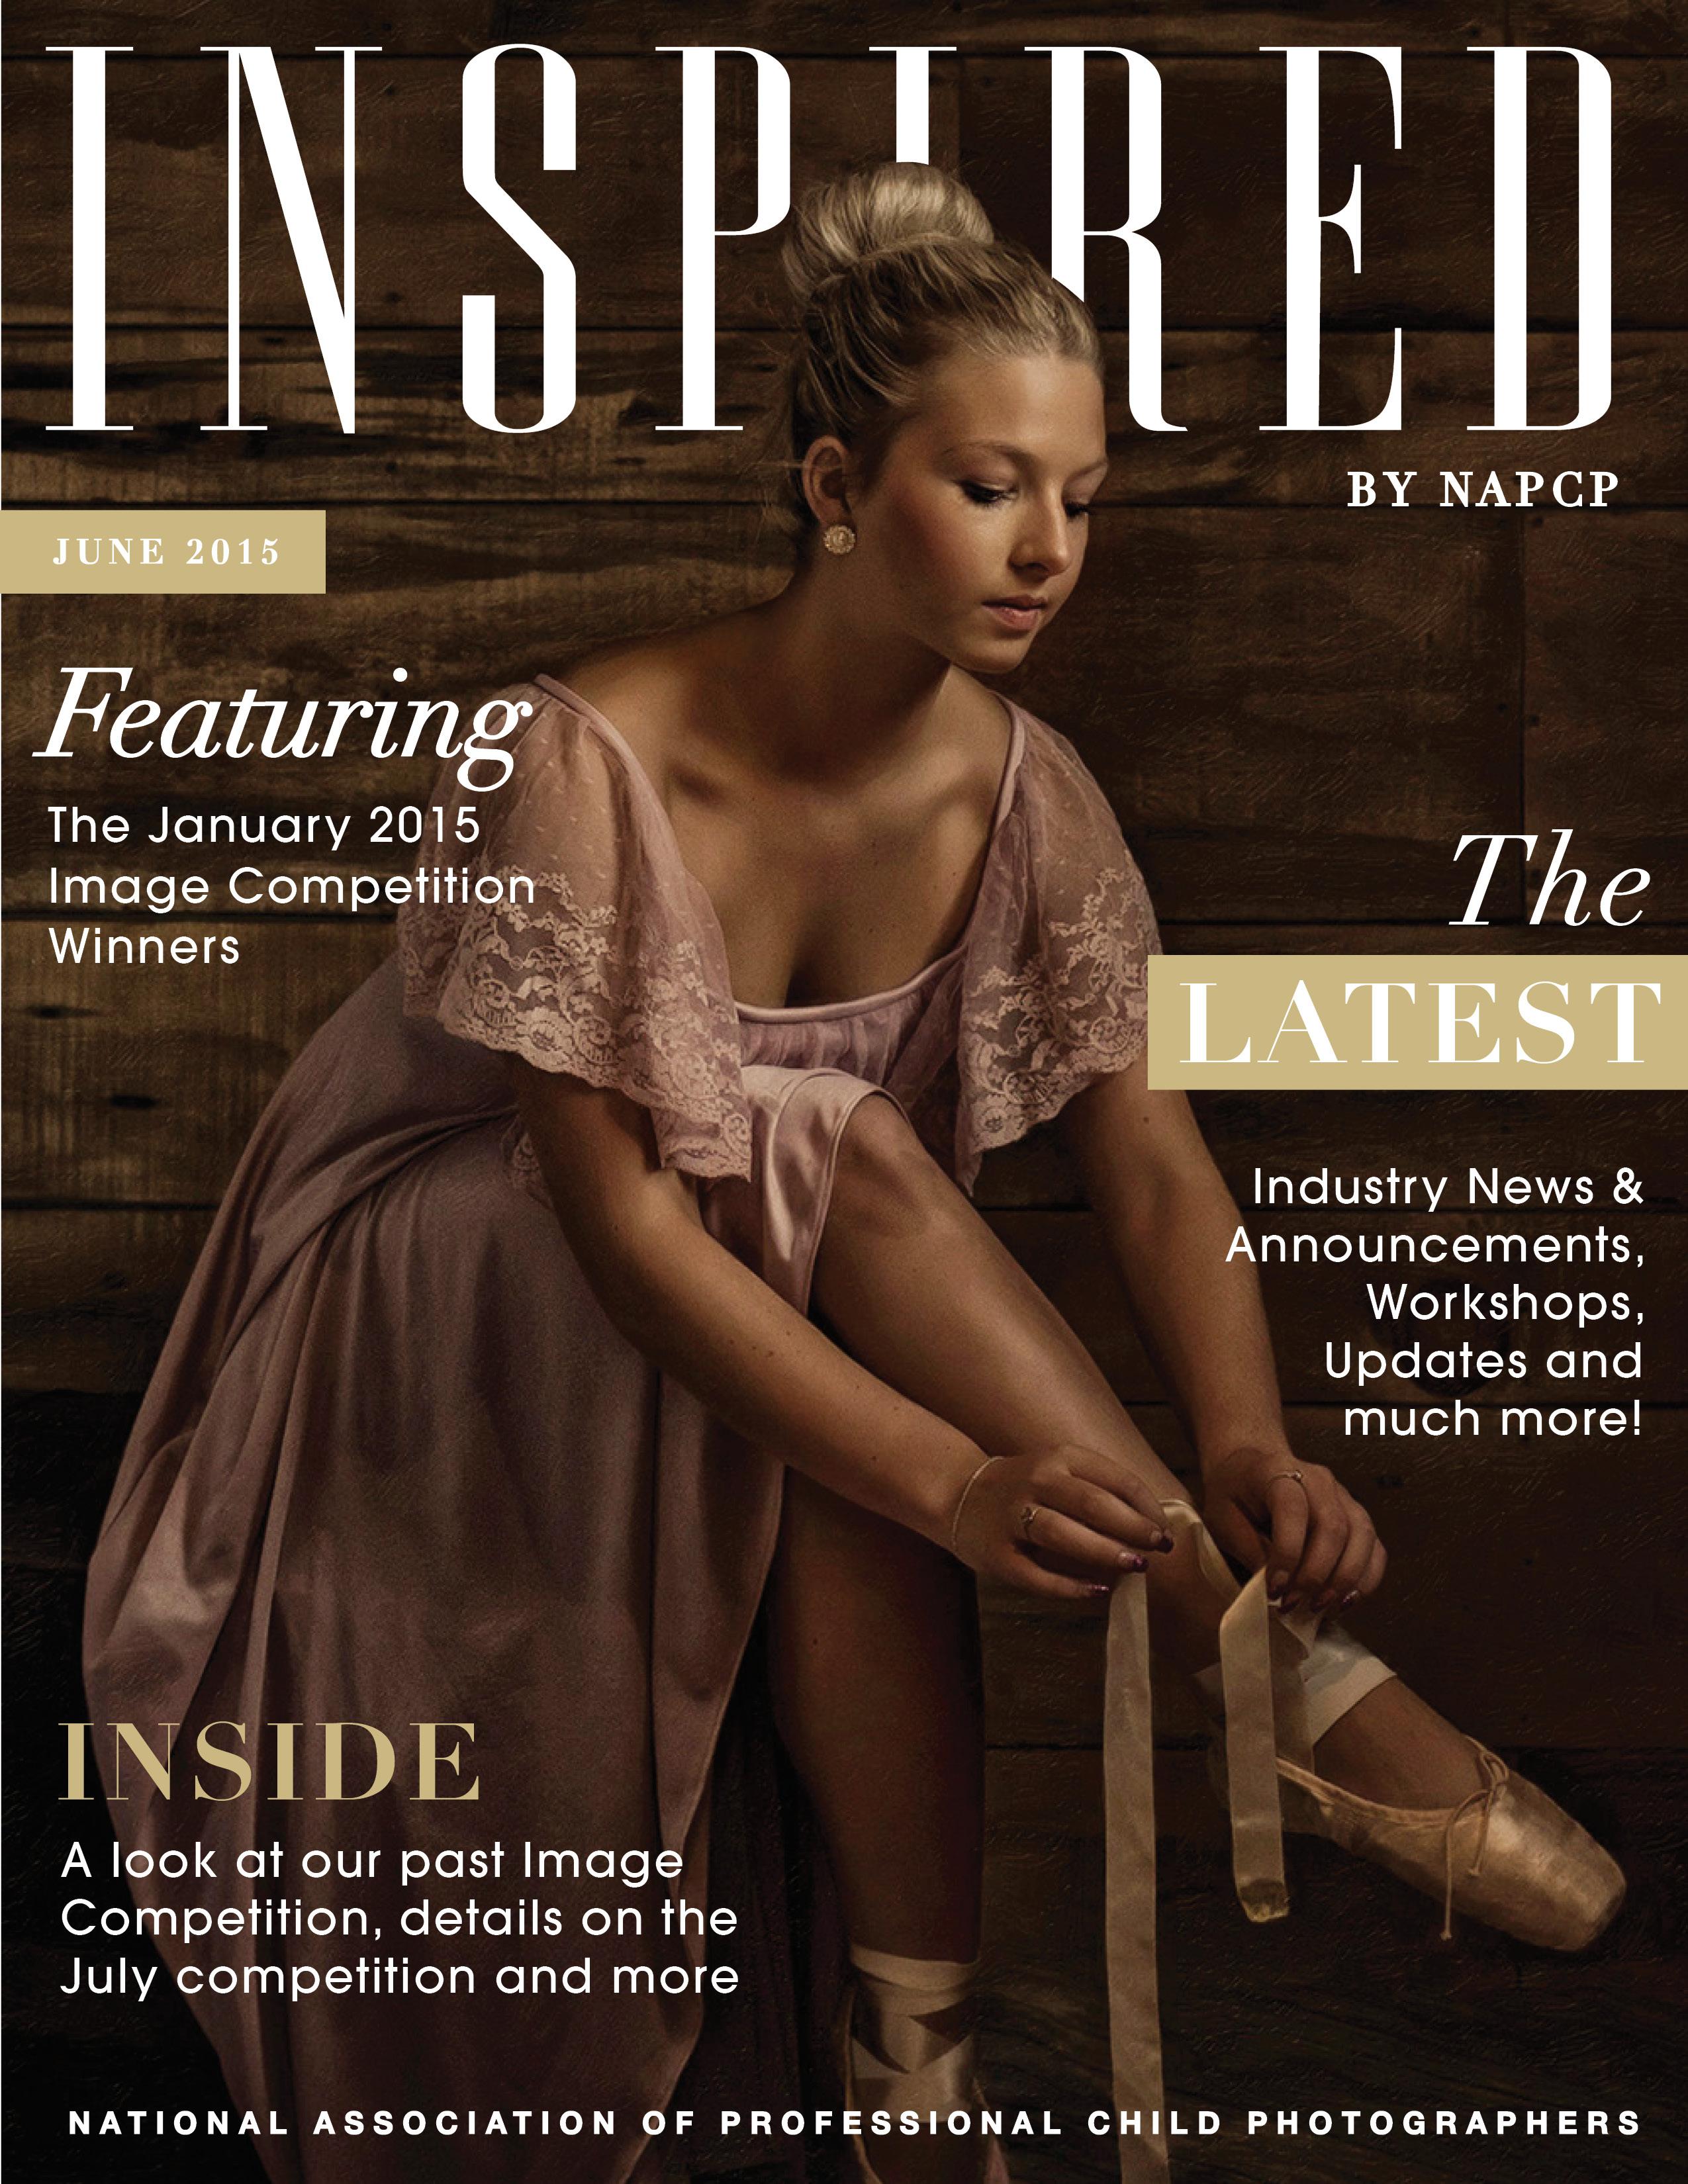 June Newsletter(15) cover